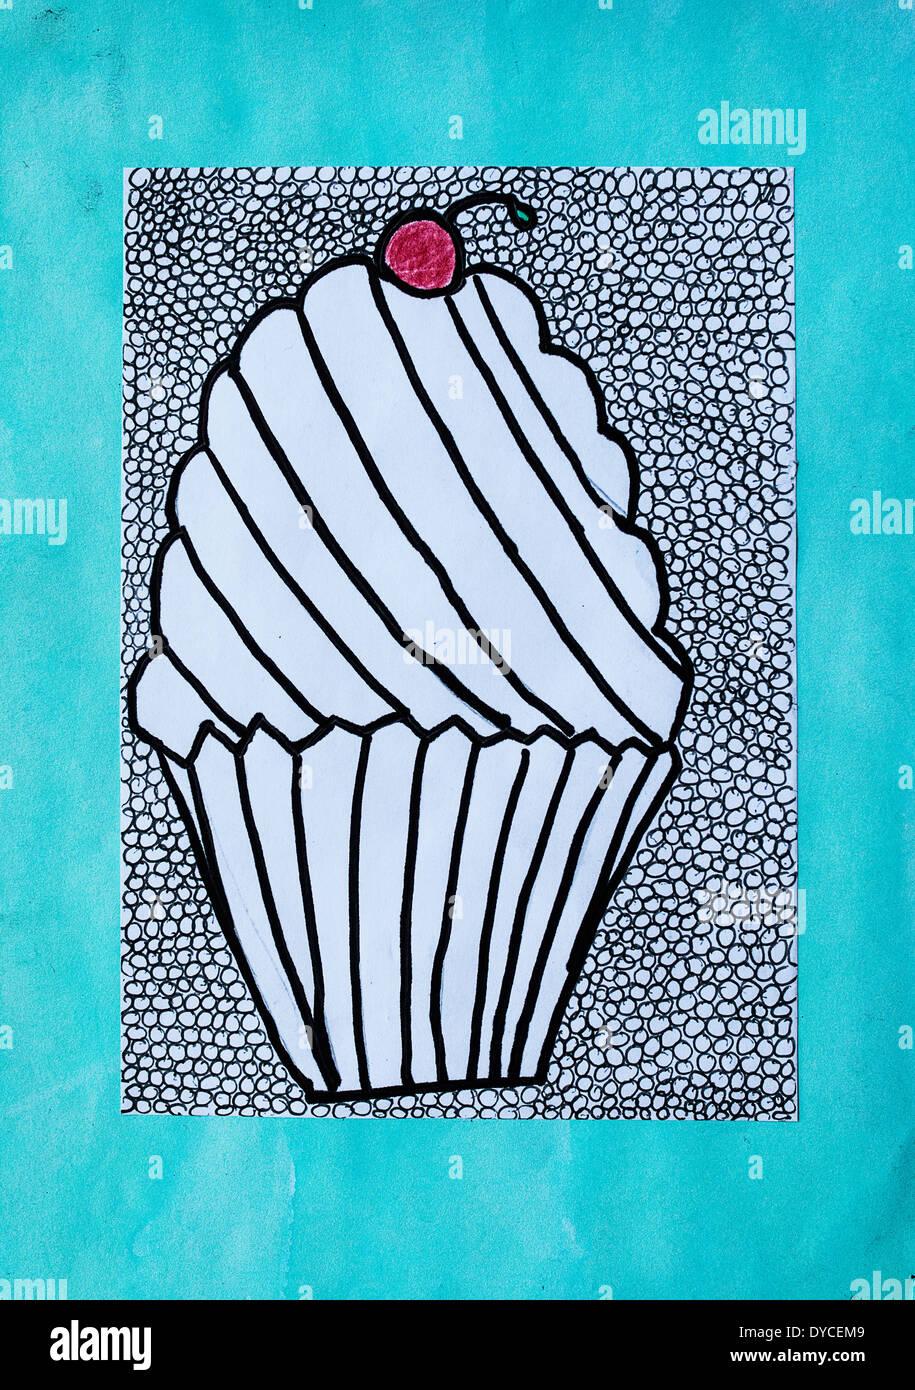 Cup Cake. L'art de l'enfant Banque D'Images